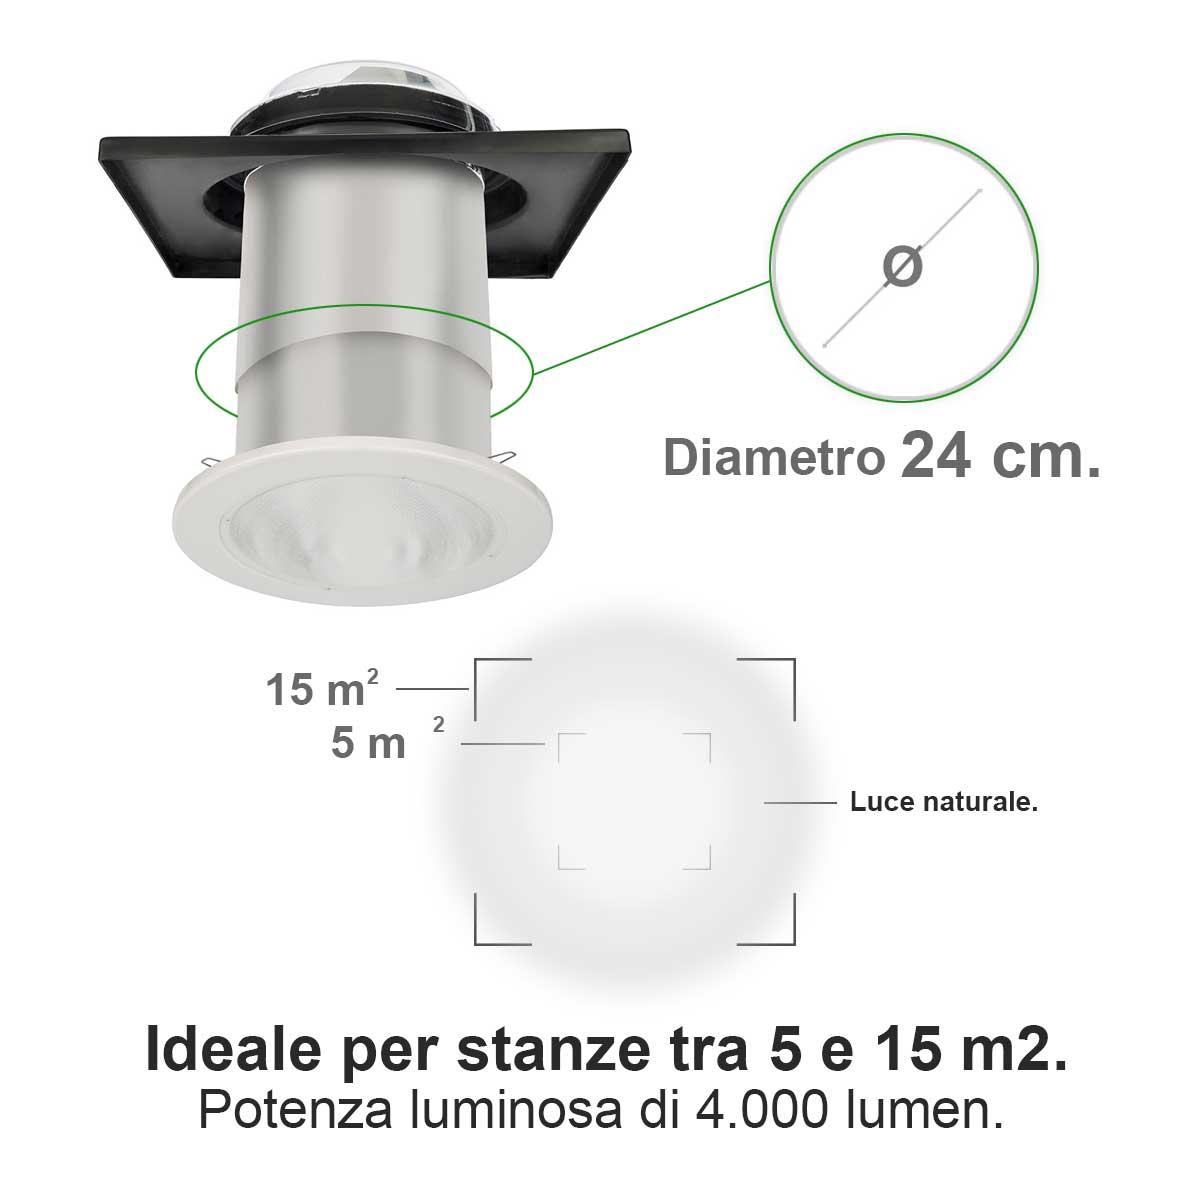 tunnel-solare-potenza-illuminazione-area-24